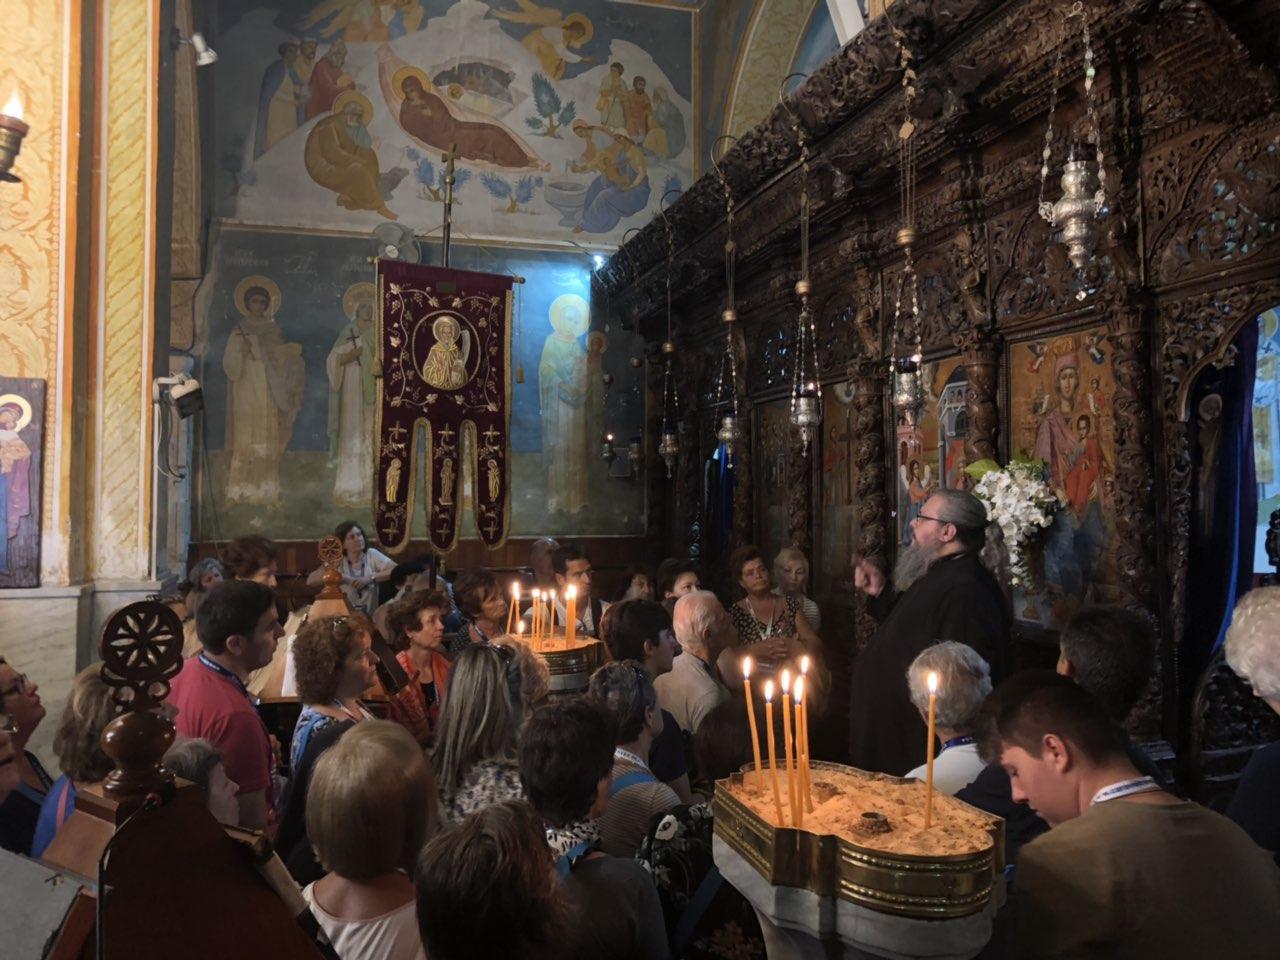 ierosolyma day2 4 - Στη Γαλιλαία Των Εθνών…